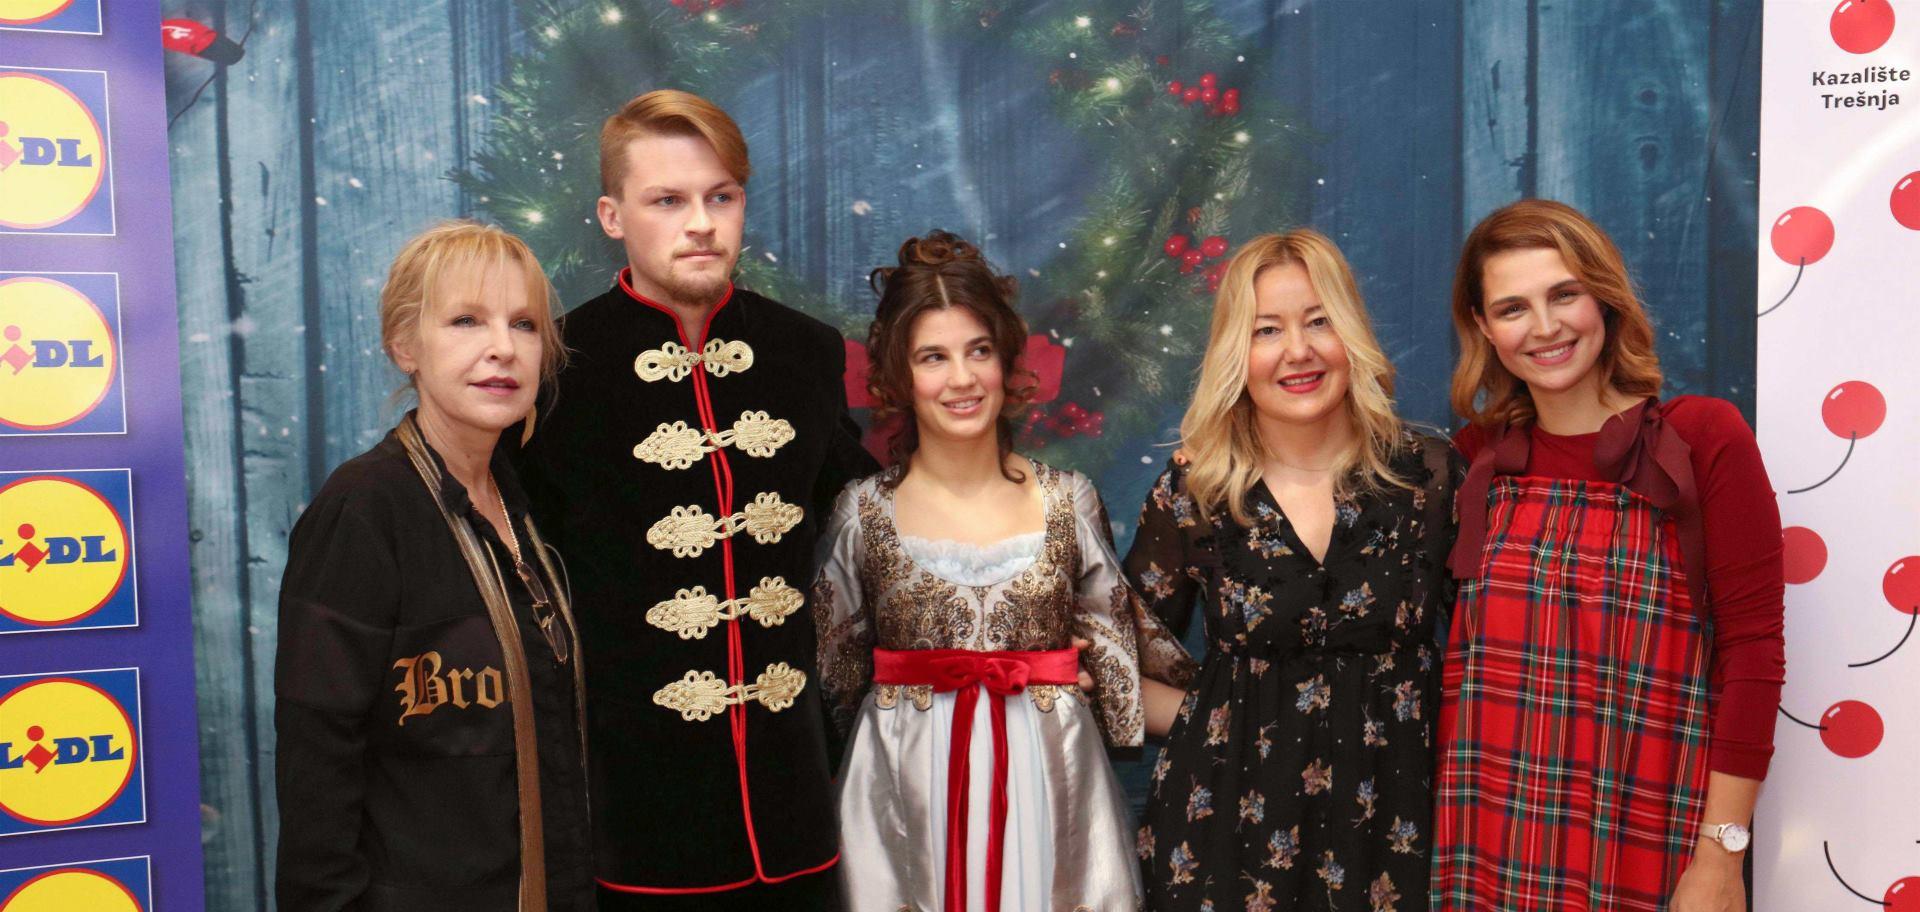 Gradsko kazalište Trešnja i Lidl Hrvatska surađuju na produkciji predstave 'Orašar'